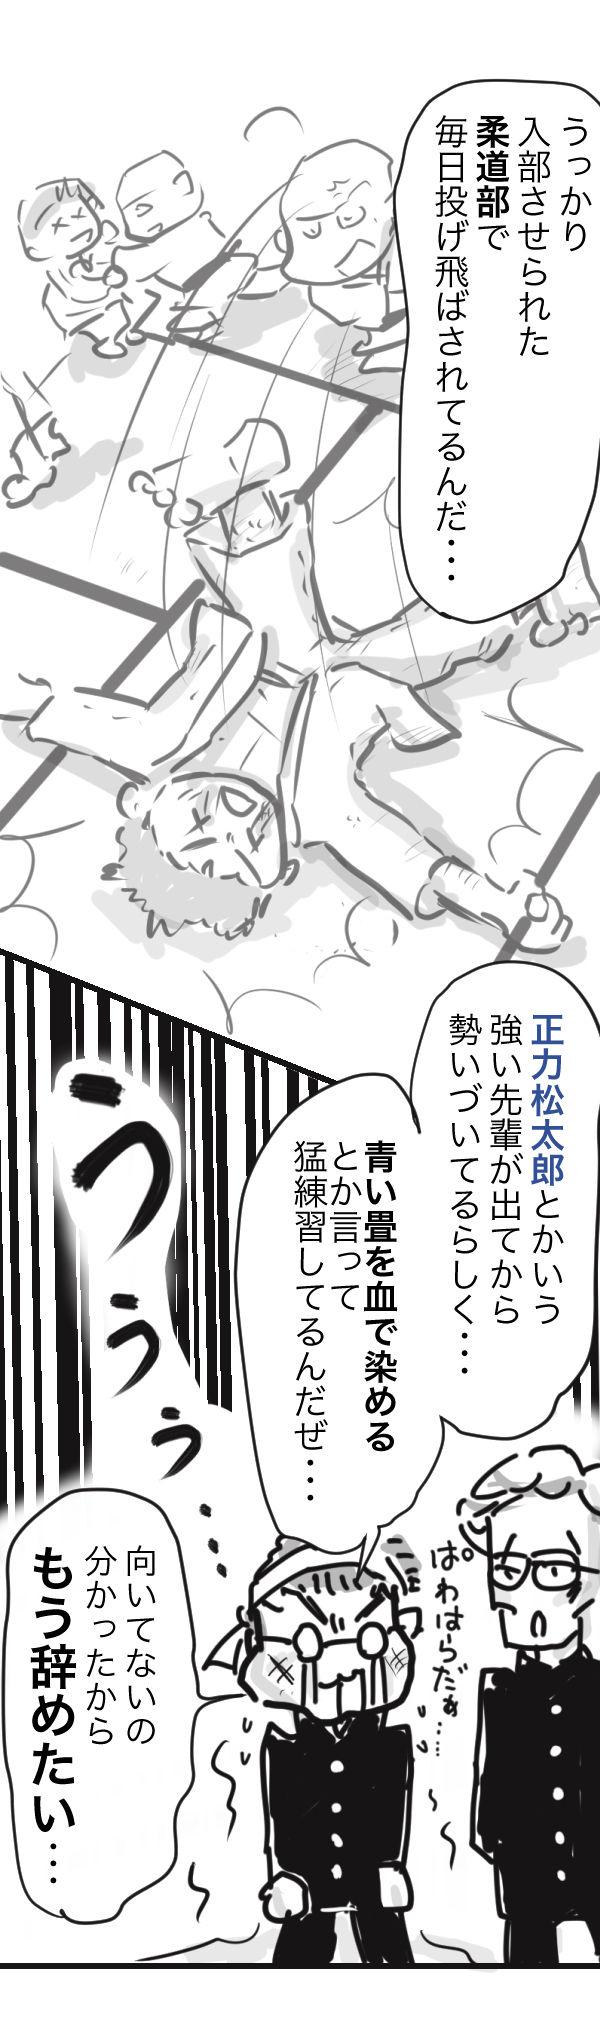 山田 金沢 4−3−3